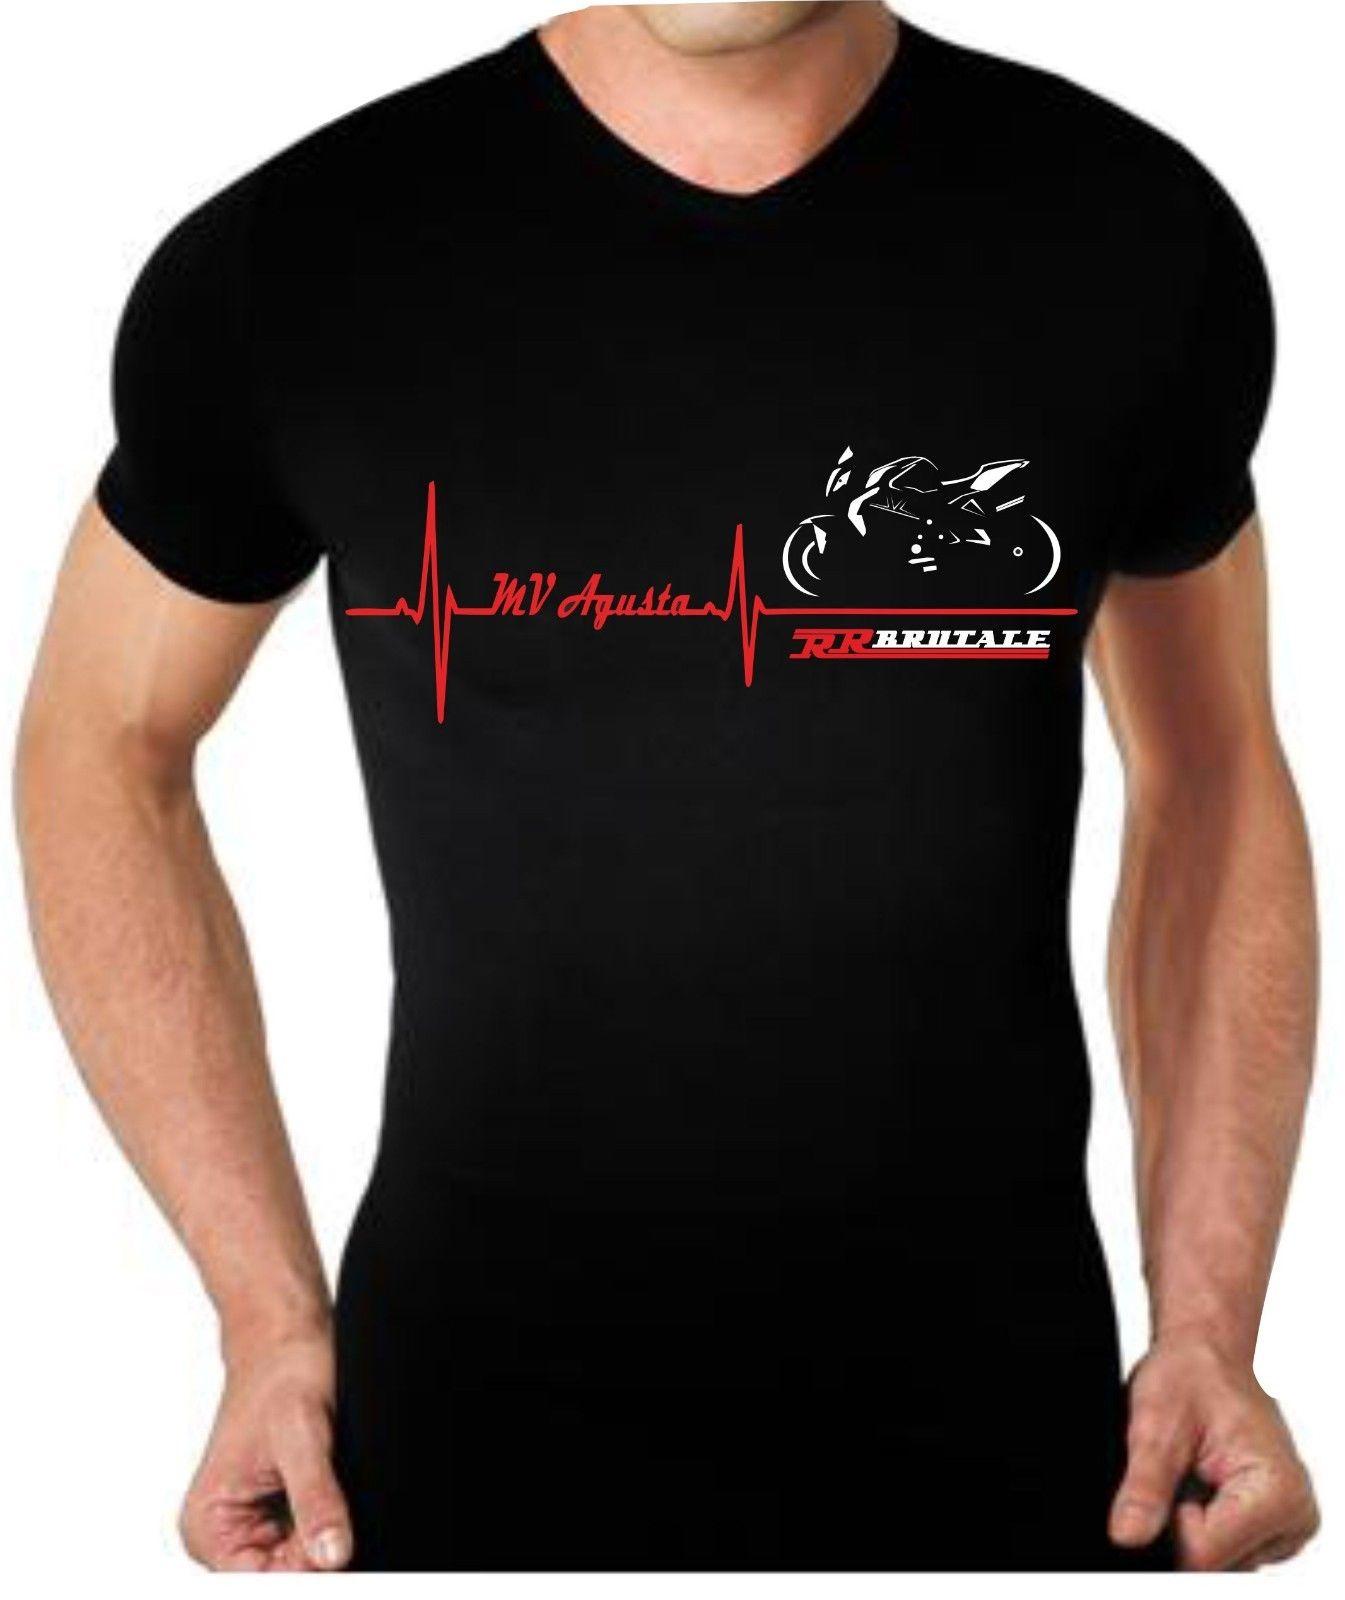 T  -  shirt   maglia per moto MV AGUSTA BRUTALE battito cuore   t     shirt   maglietta Male Harajuku Top Fitness Brand Clothing